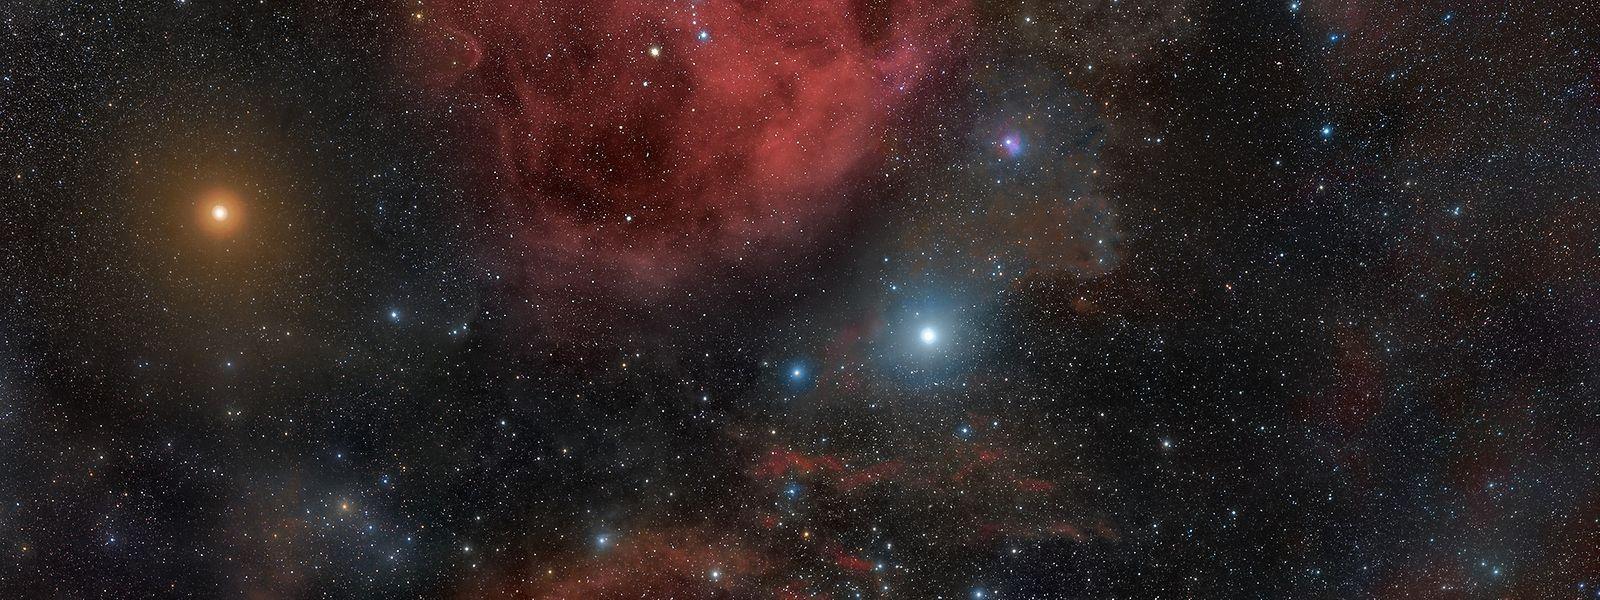 Beteigeuze ist als gelblicher Stern am linken Rand des Fotos zu sehen.